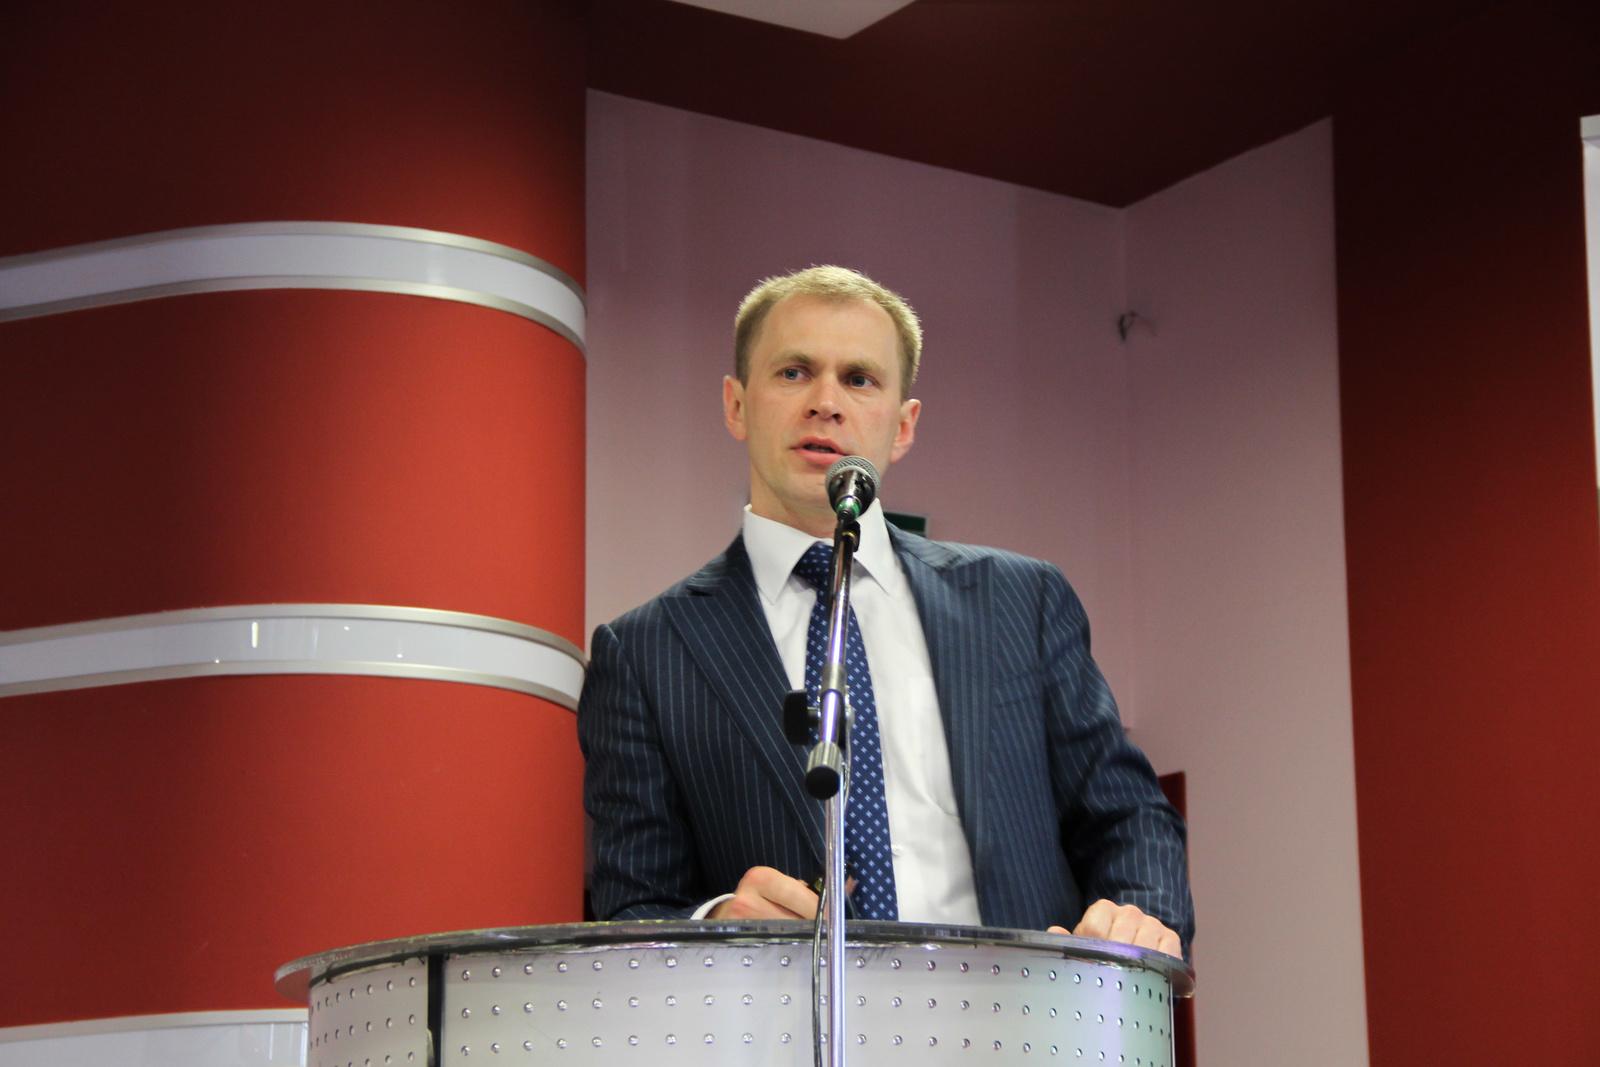 Дмитрий Целоусов: отсутствие конкуренции за рабочие места снижает мотивацию фармацевтов на профессиональное развитие